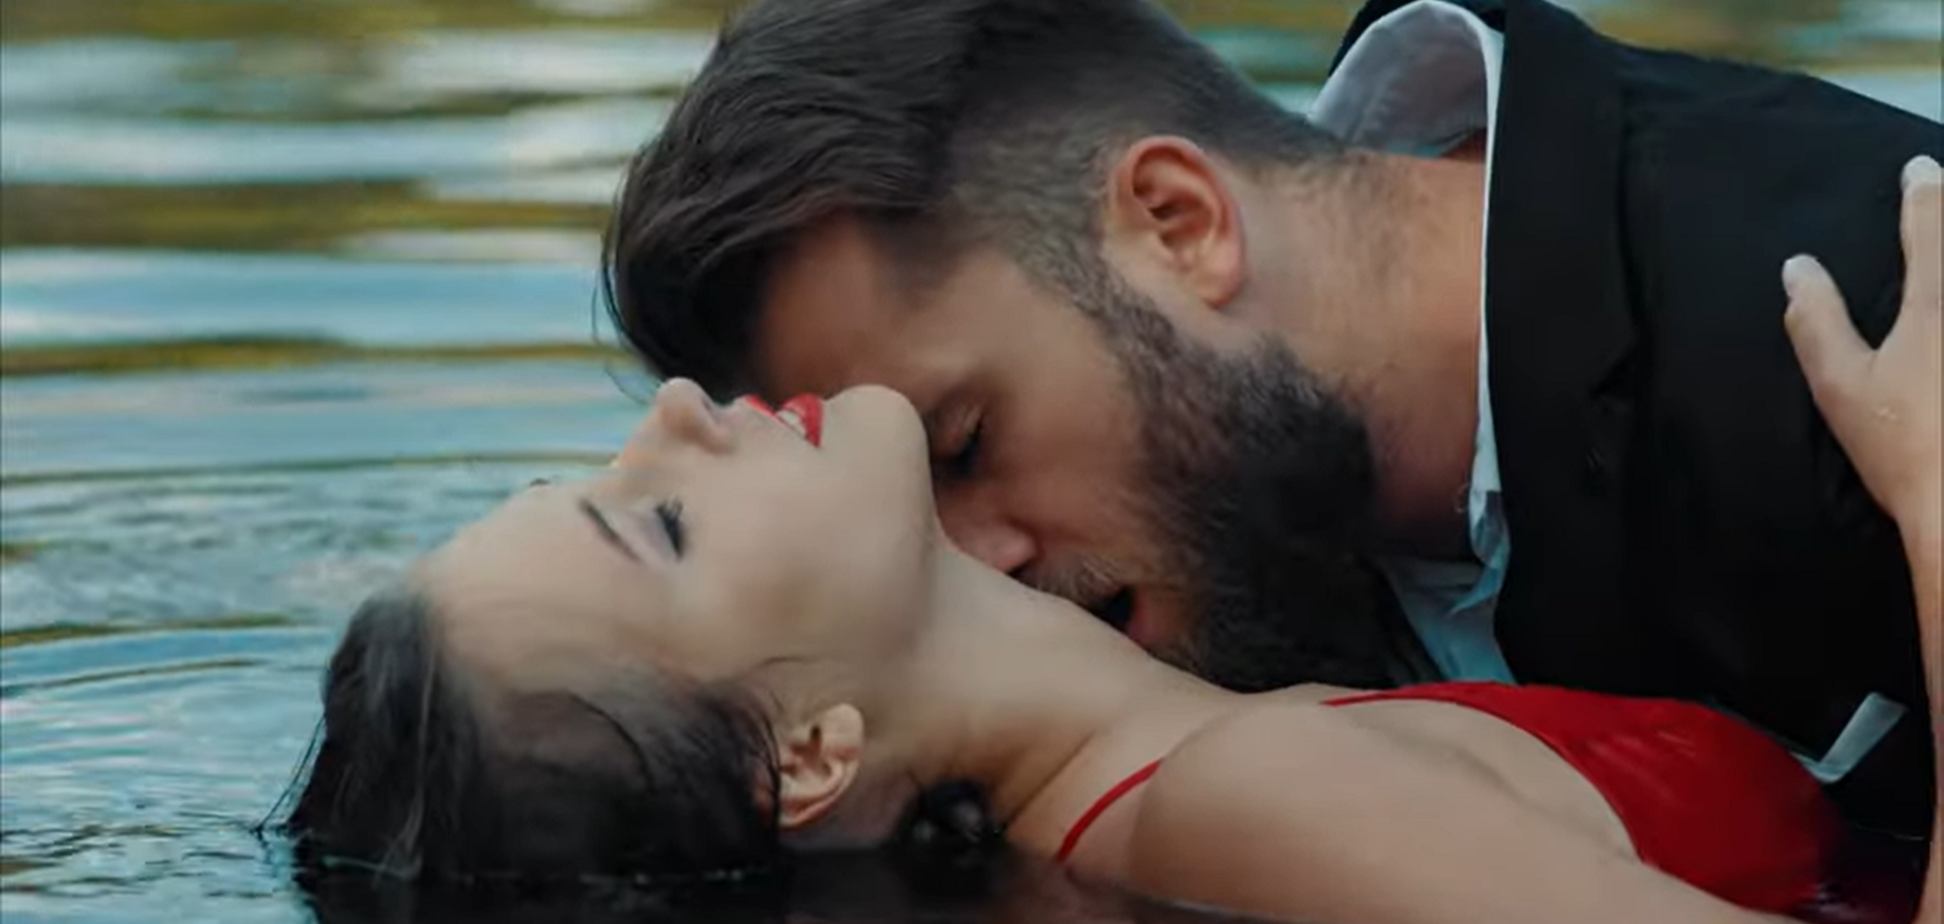 Український фільм 'Якщо було завтра' отримав престижну нагороду в Іспанії